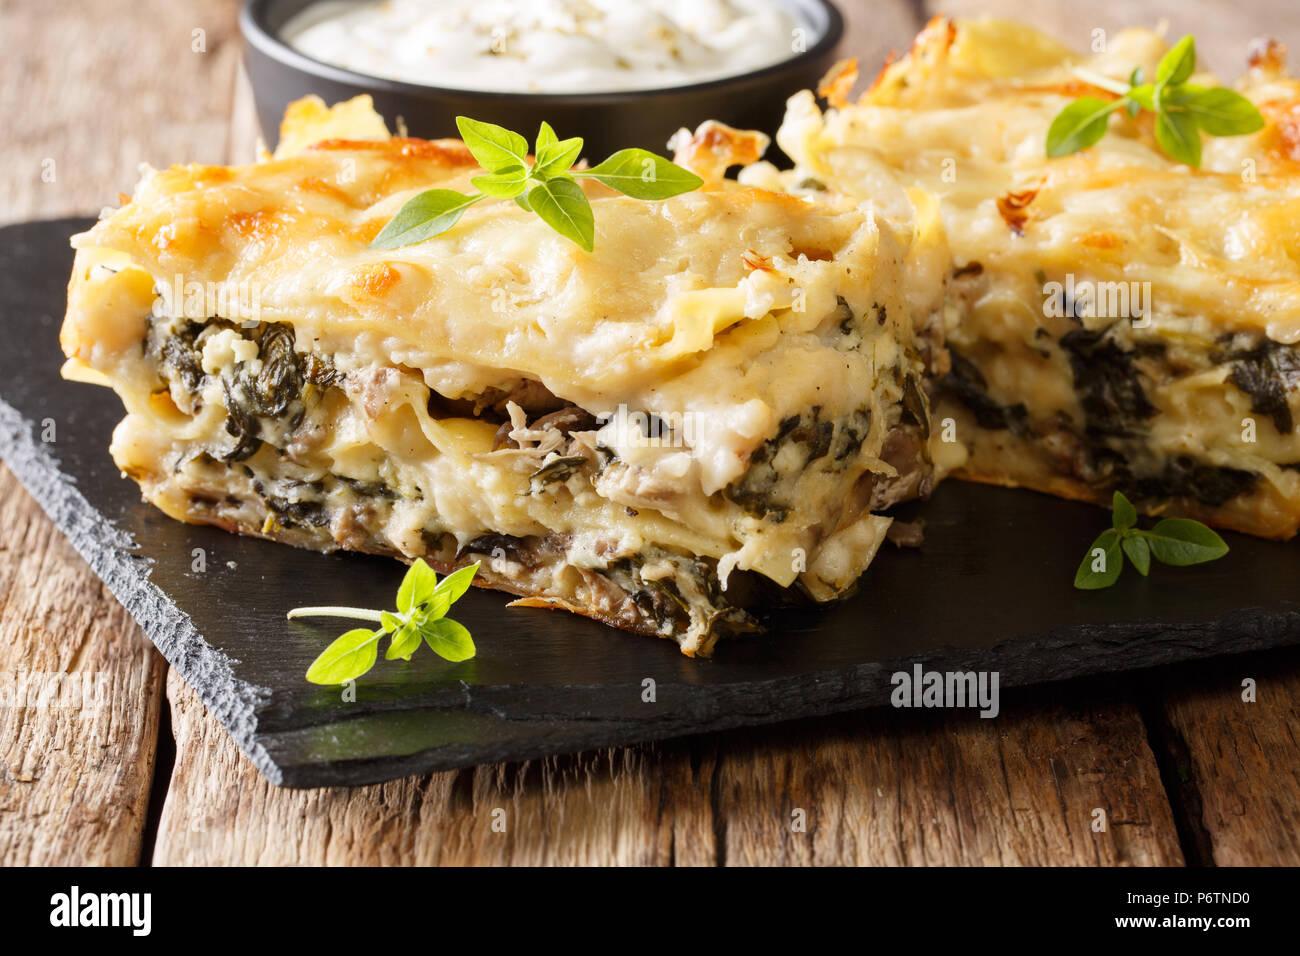 Rústico casero lasaña con pollo, champiñones, mozzarella y queso parmesano y salsa bechamel closeup sobre una placa de pizarra horizontales. Foto de stock